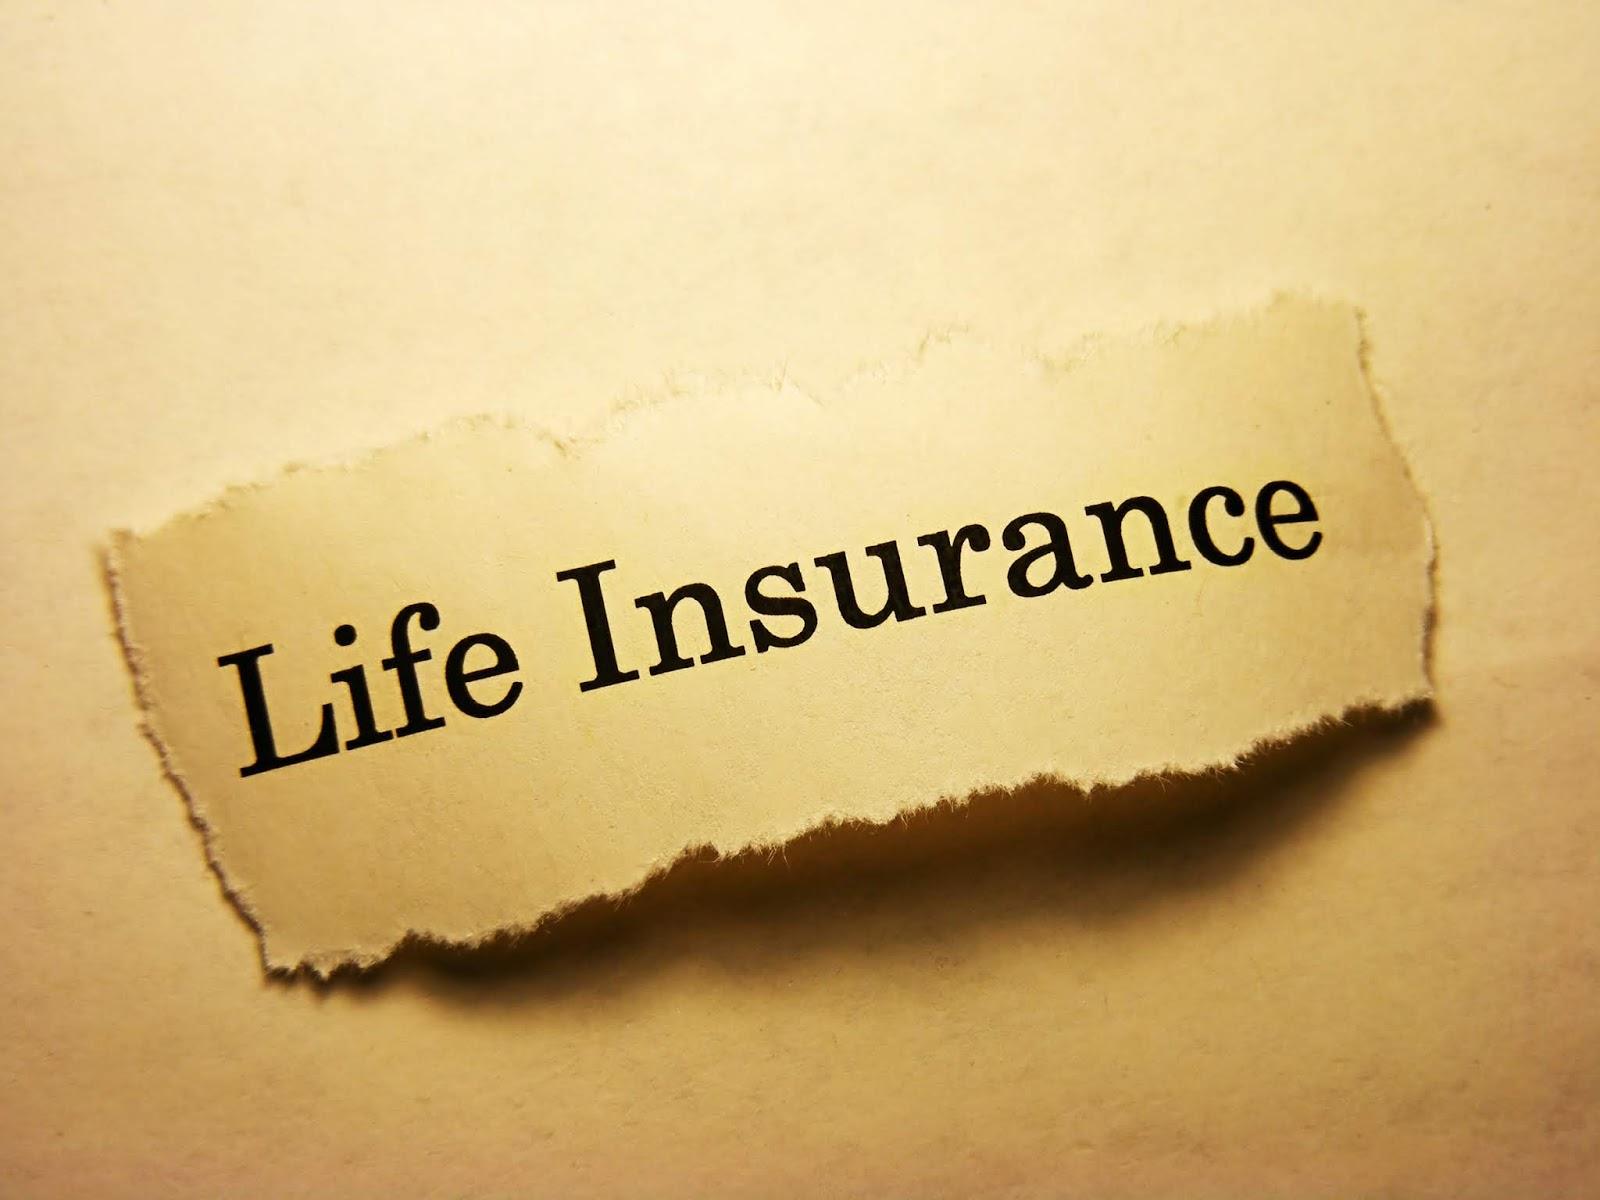 bỏ qua bảo hiểm là sai lầm của nhiều người